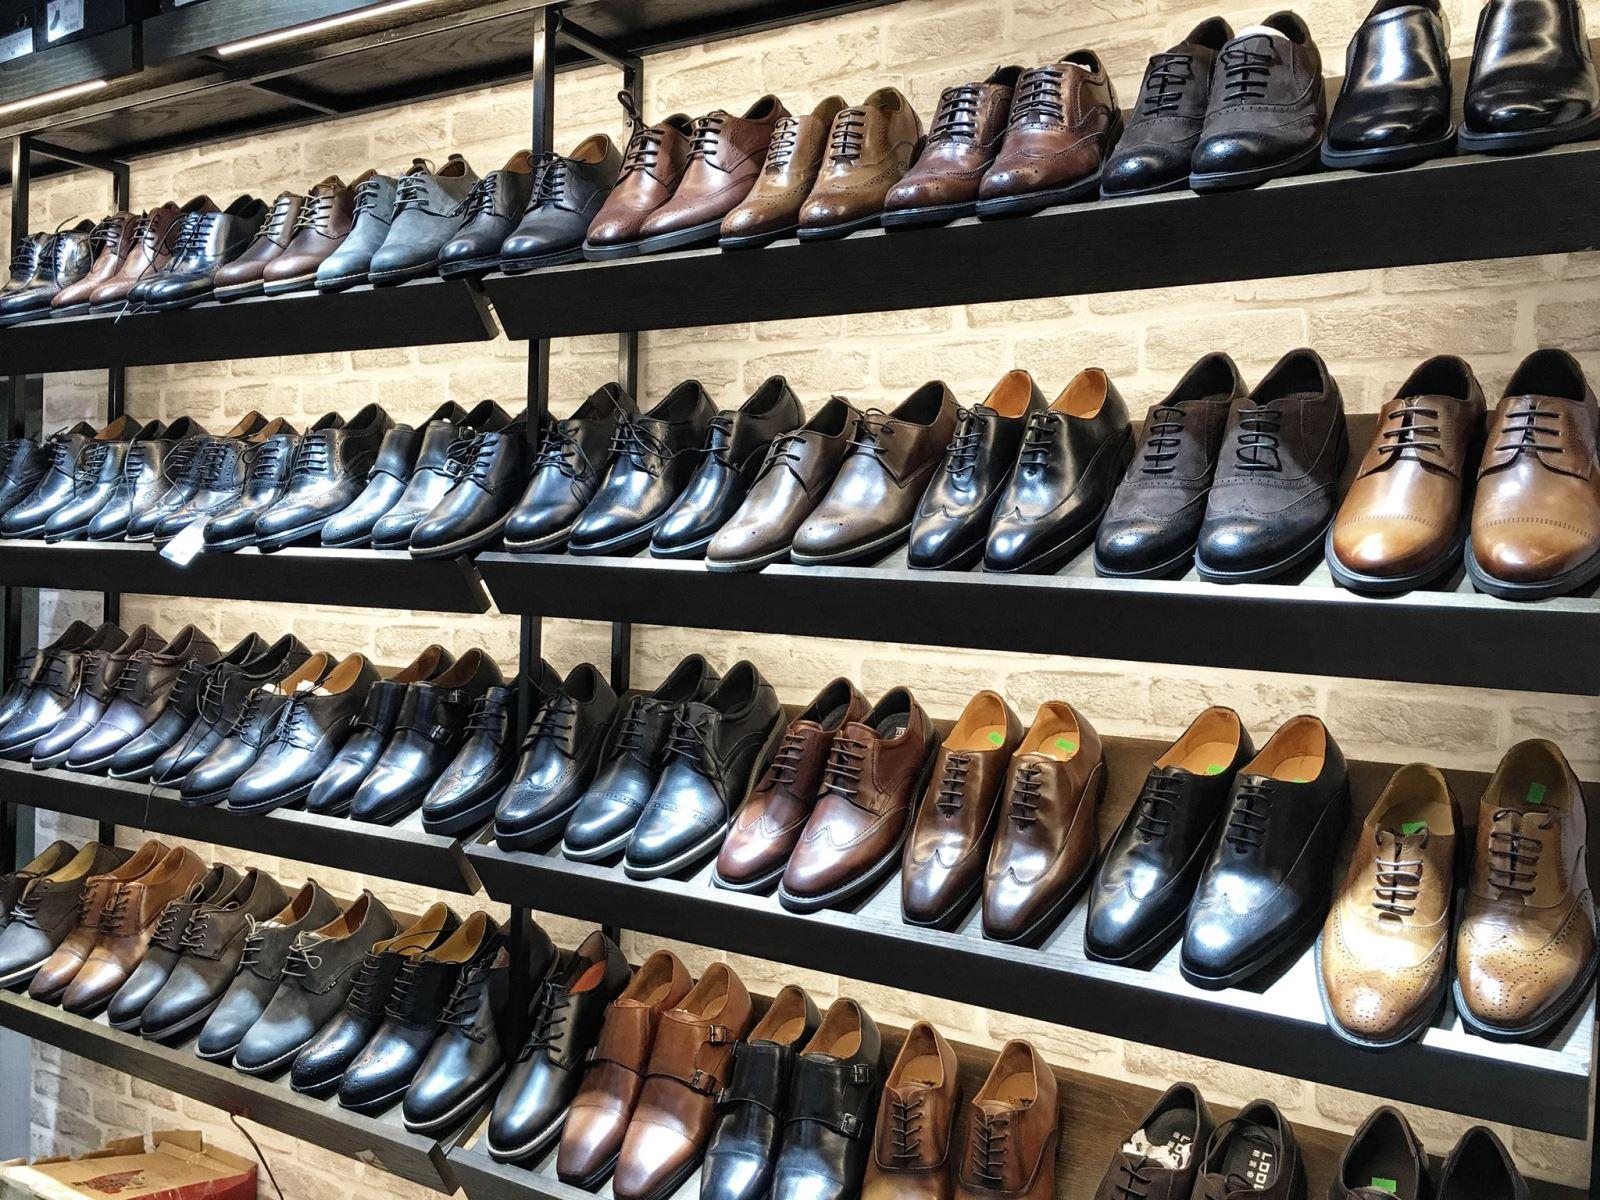 kinh doanh sản xuất giày dép